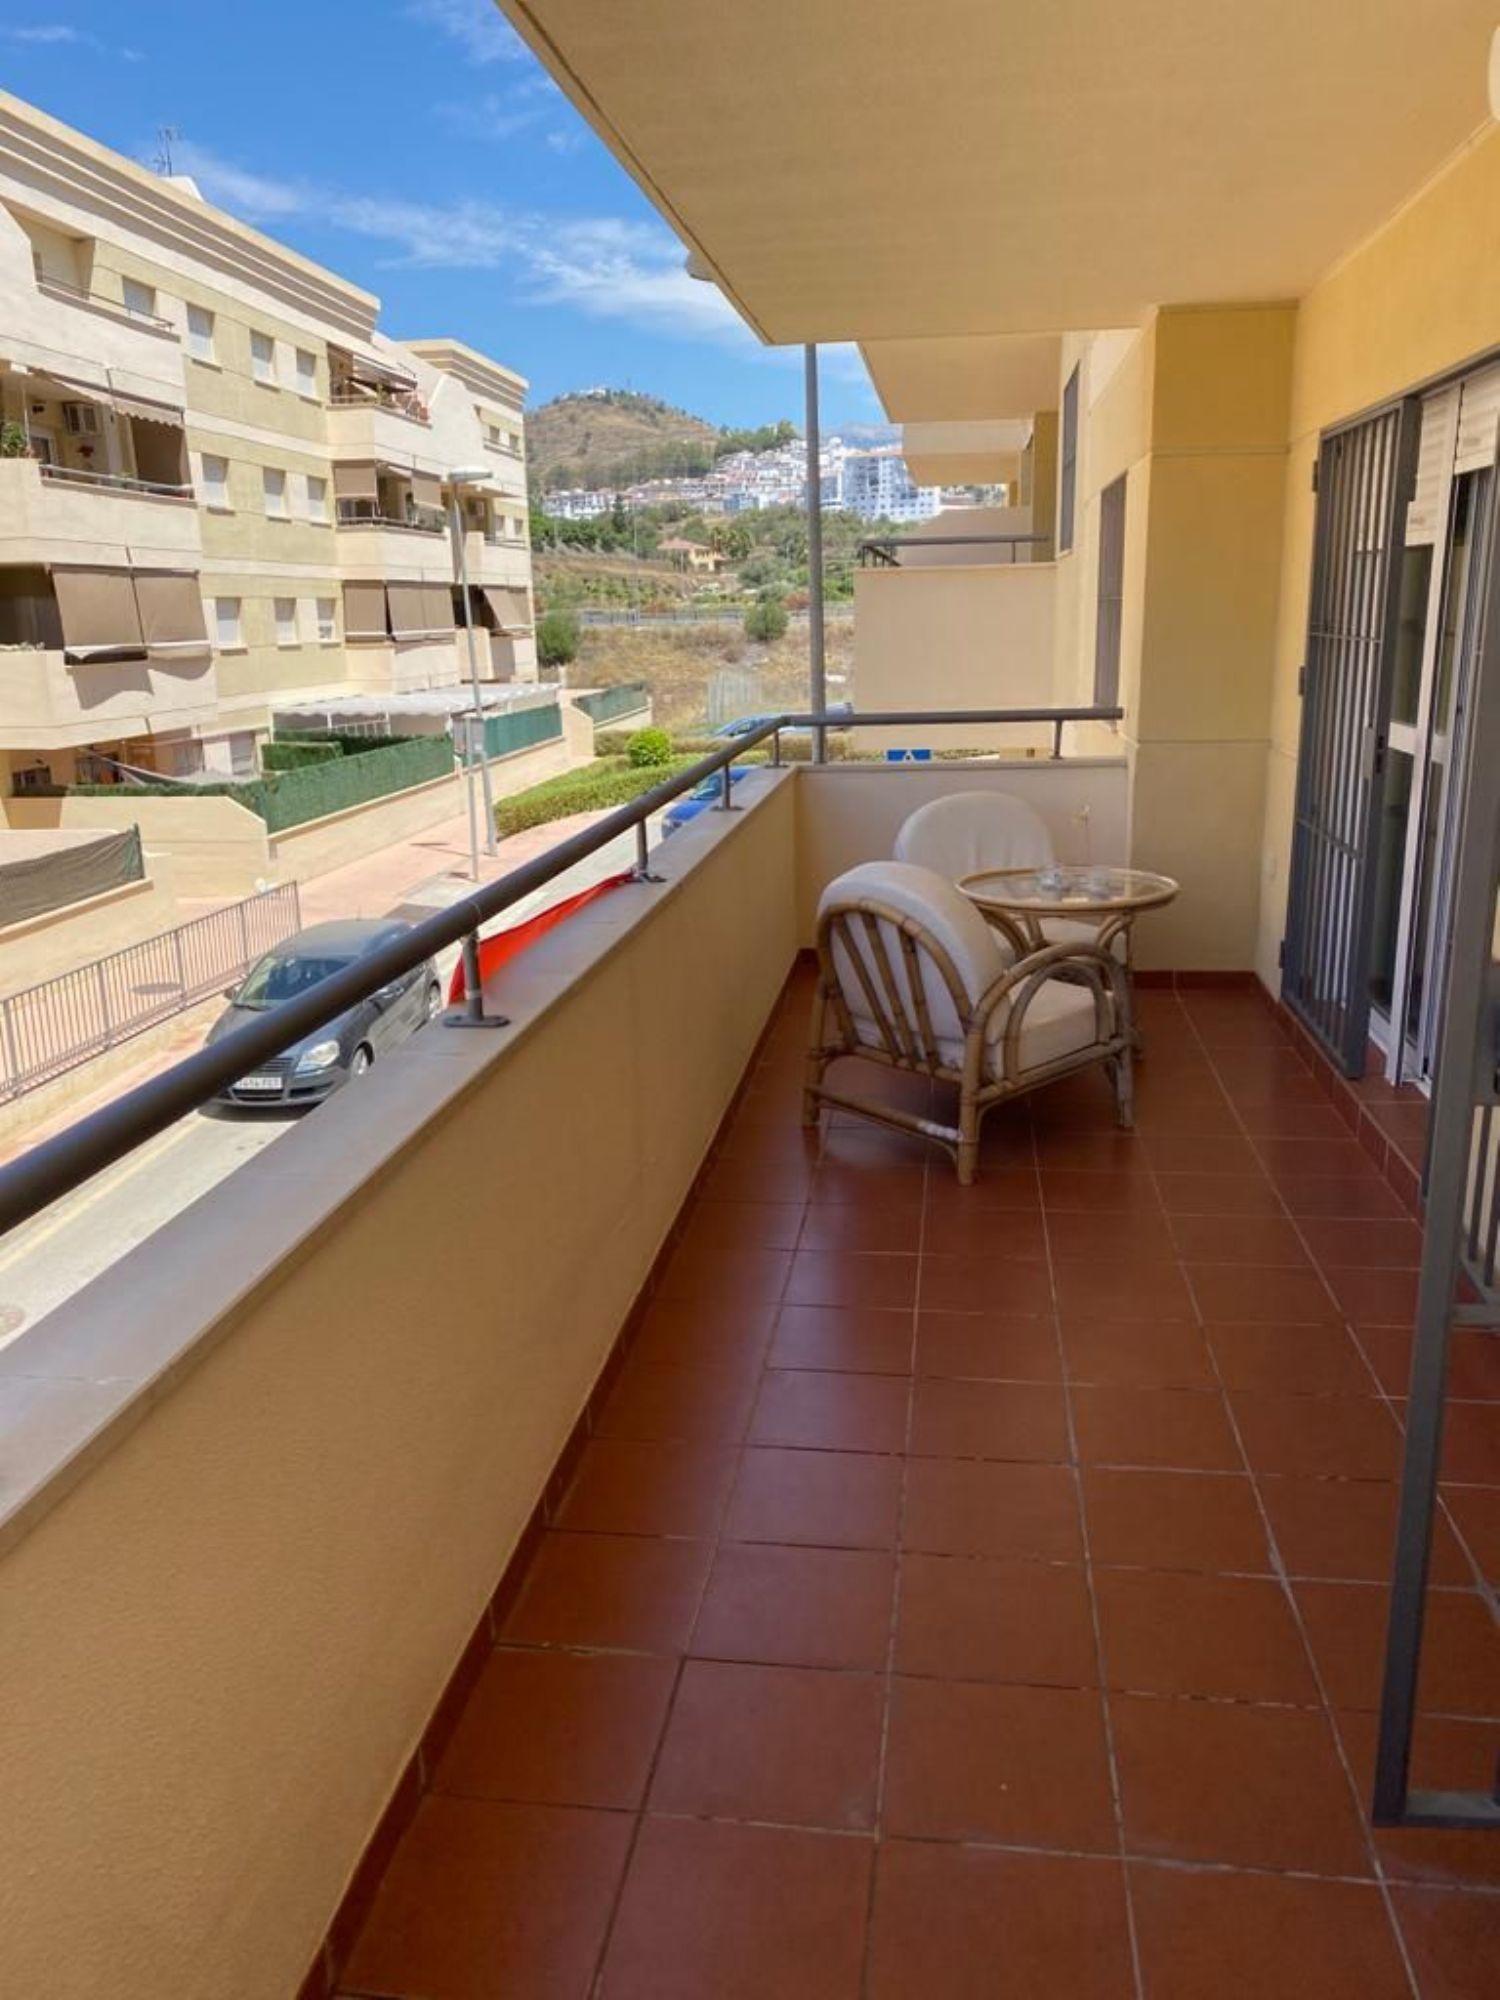 Alquiler de casas y pisos en Torrox Málaga